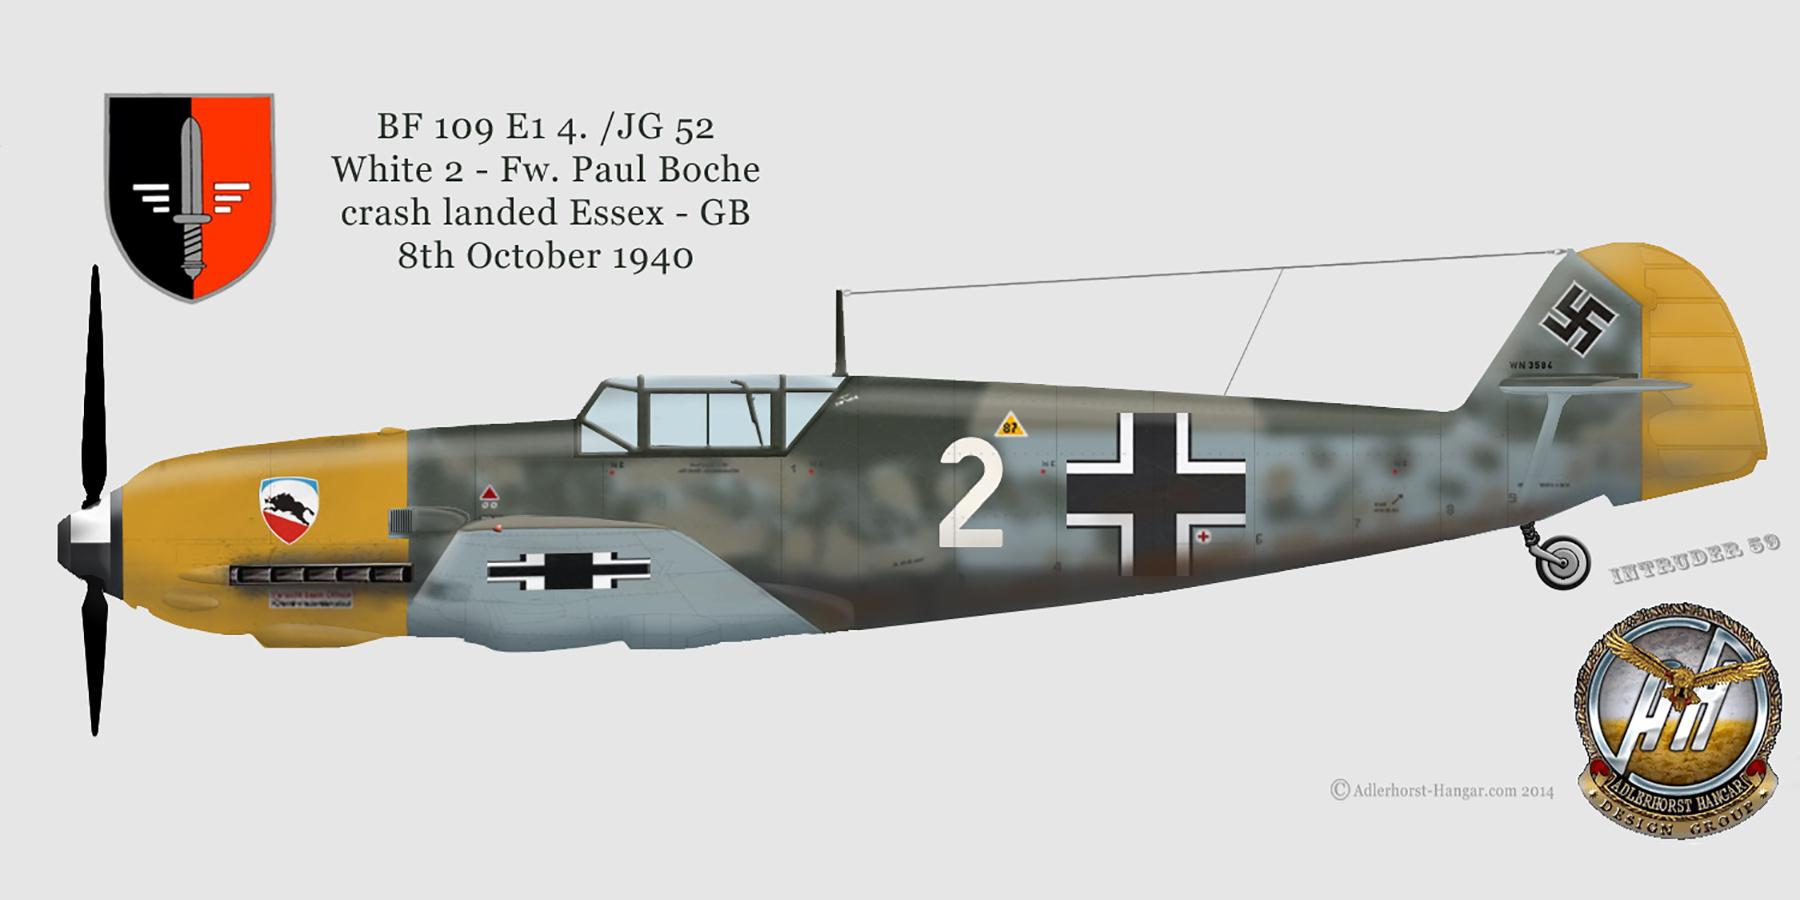 Messerschmitt Bf 109E1 1.JG52 White 2 Paul Boche crash landed Essex 8th Oct 1940 0A